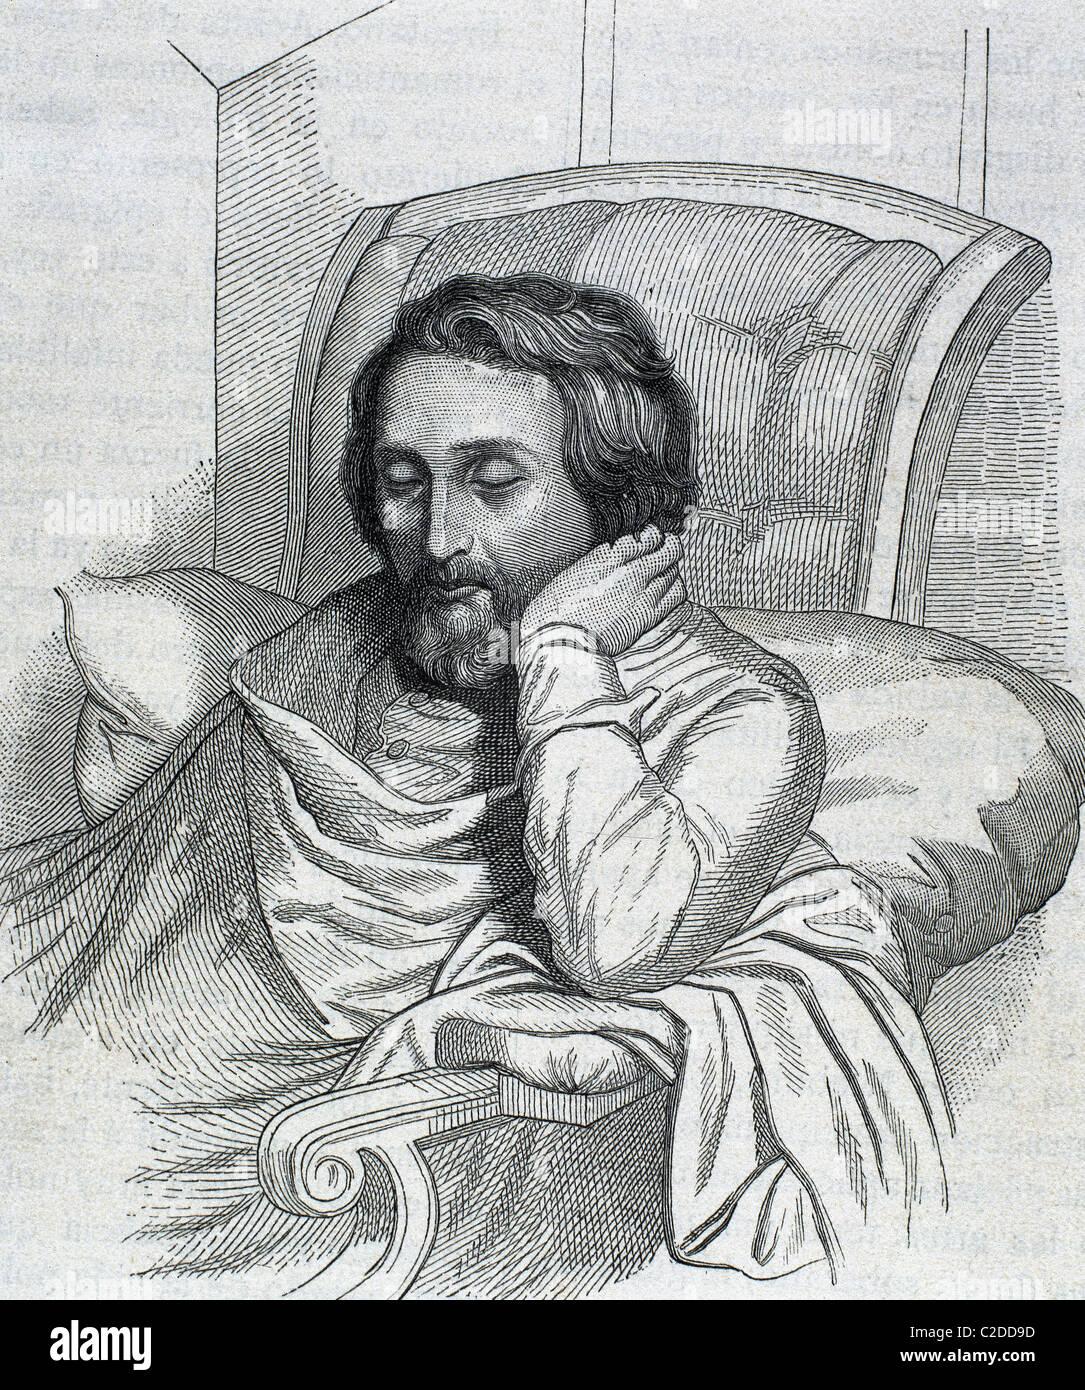 HEINE, Heinrich (Düsseldorf, 1797-Paris, 1856). Deutscher Schriftsteller. Kupferstich von Weger und Sängerin, Stockbild